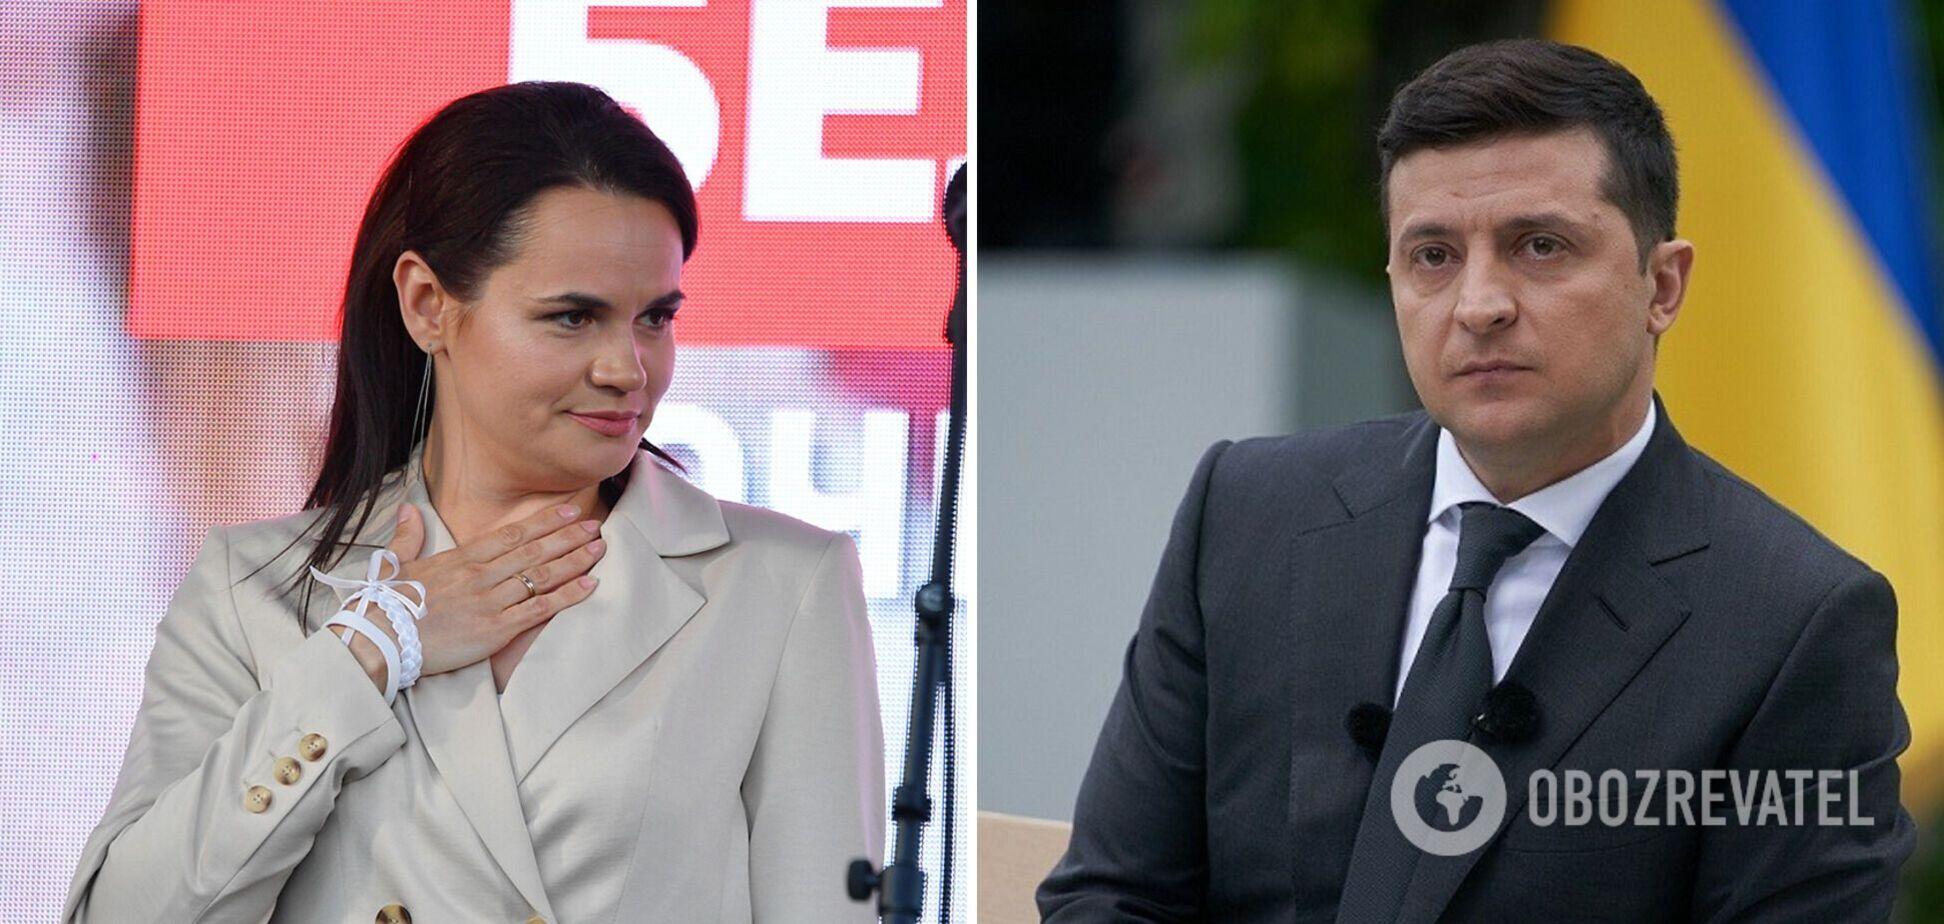 Тихановская дала оценку президенту Зеленскому